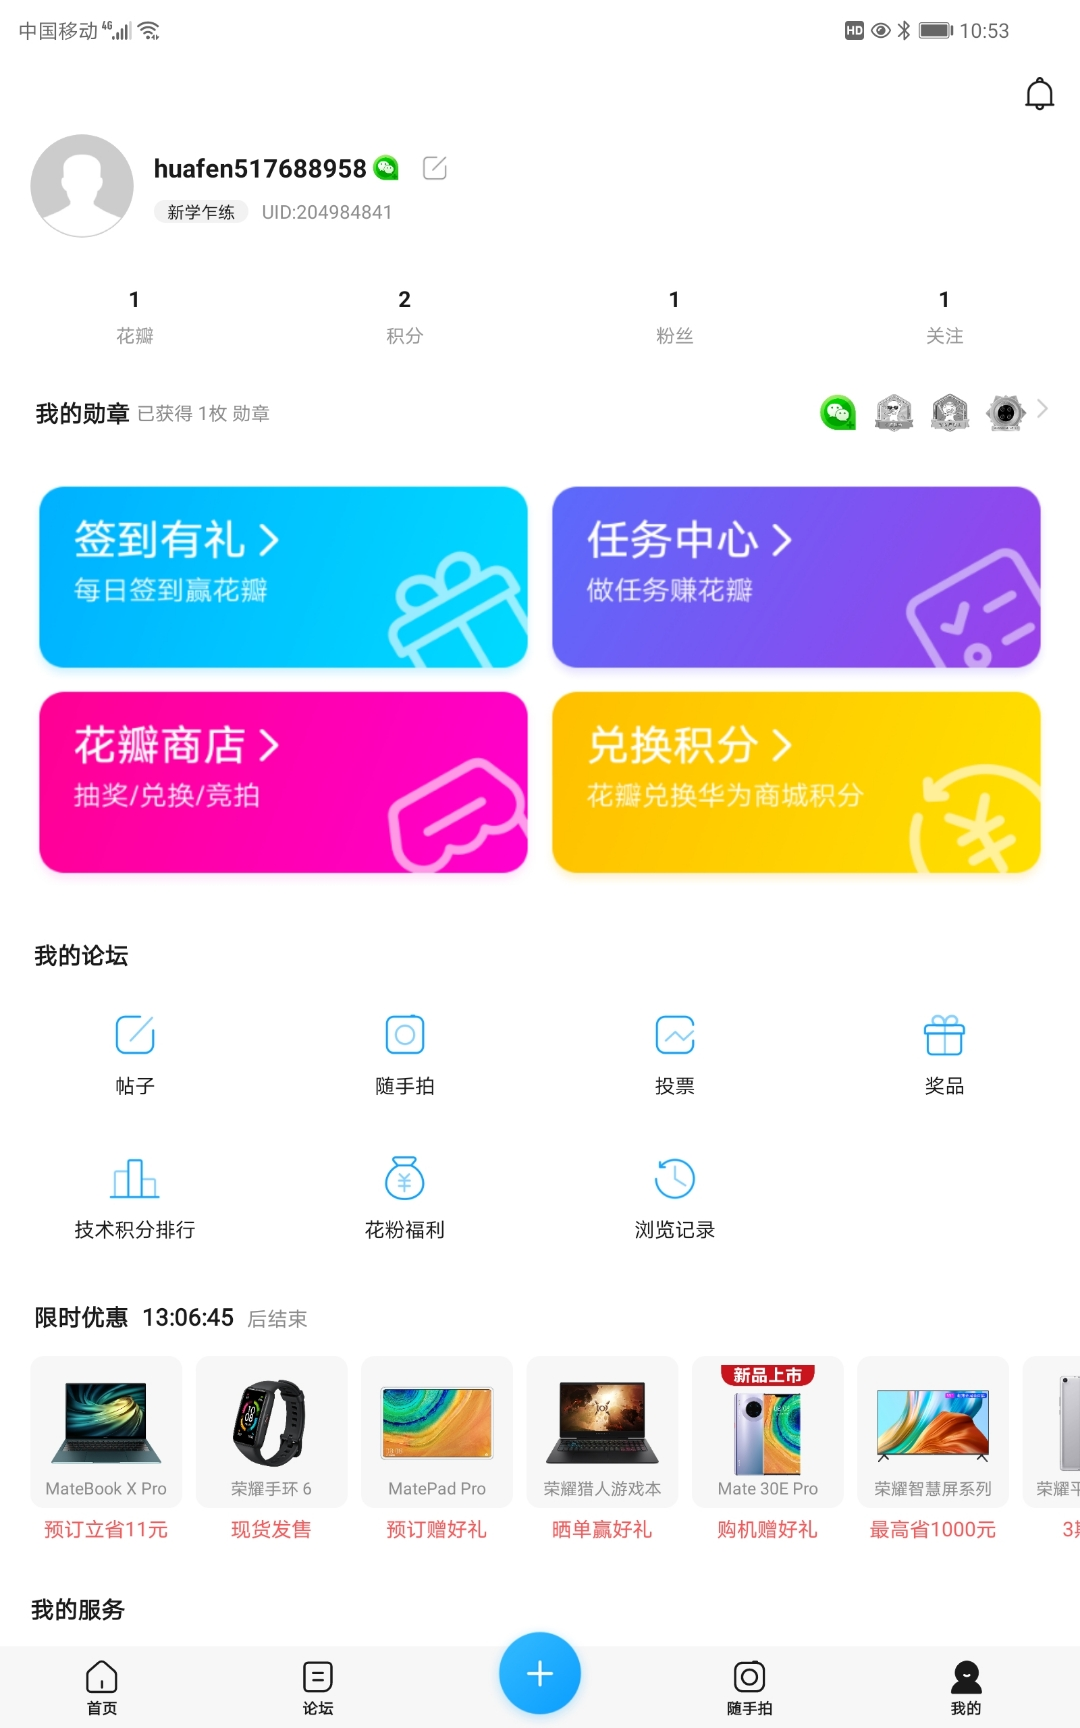 Screenshot_20201118_105313_com.huawei.fans.jpg